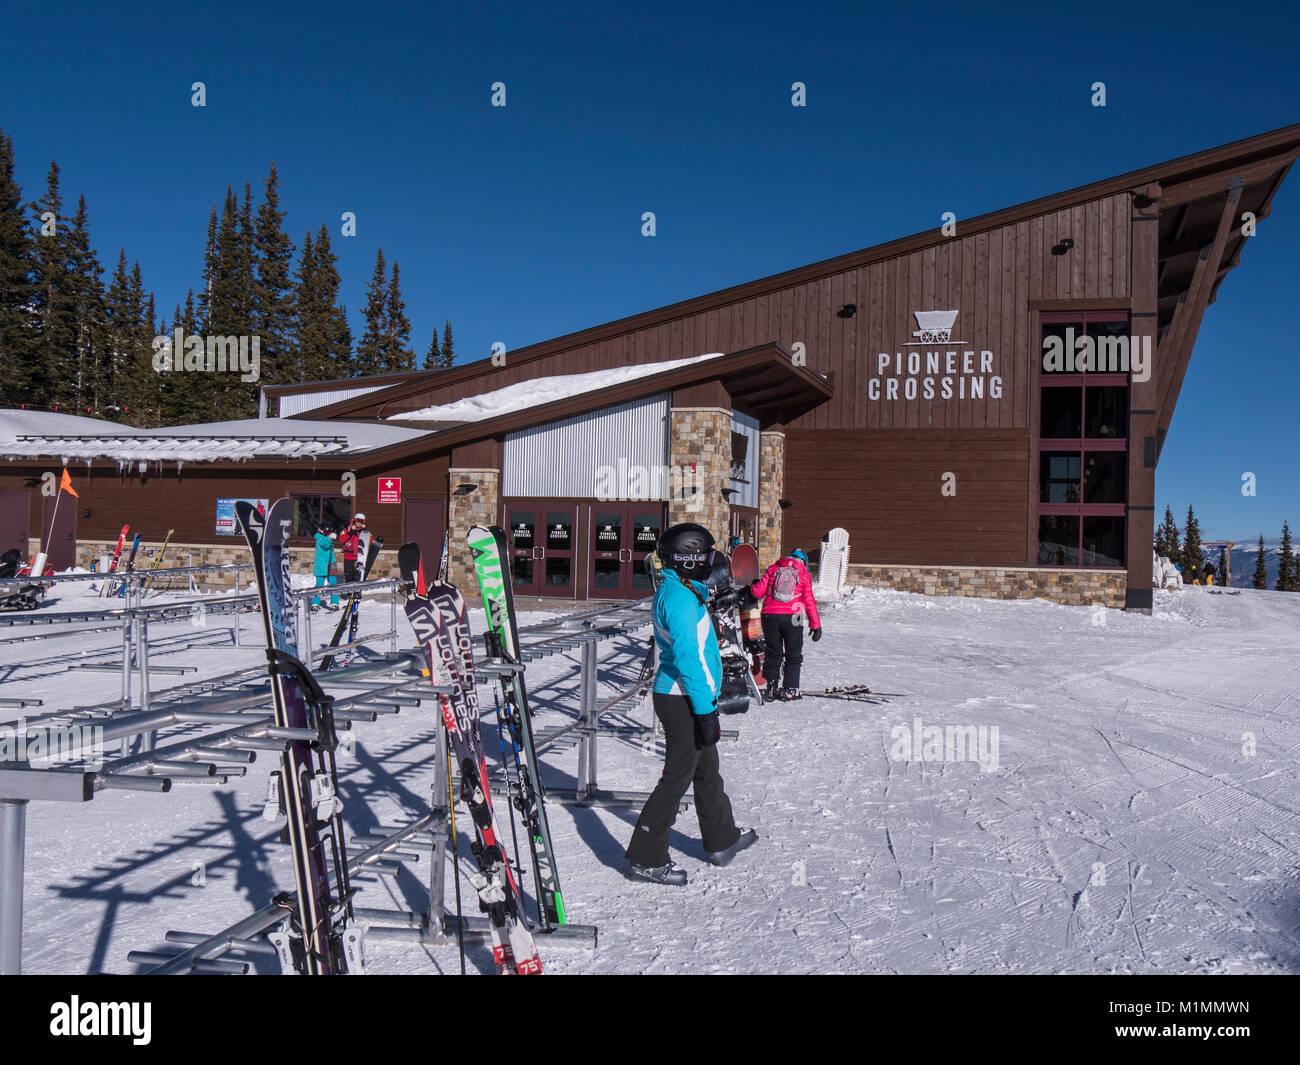 Pioneer Crossing tag Lodge und Restaurant auf der Spitze Spitze 7, Breckenridge Ski Resort, Breckenridge, Colorado. Stockbild